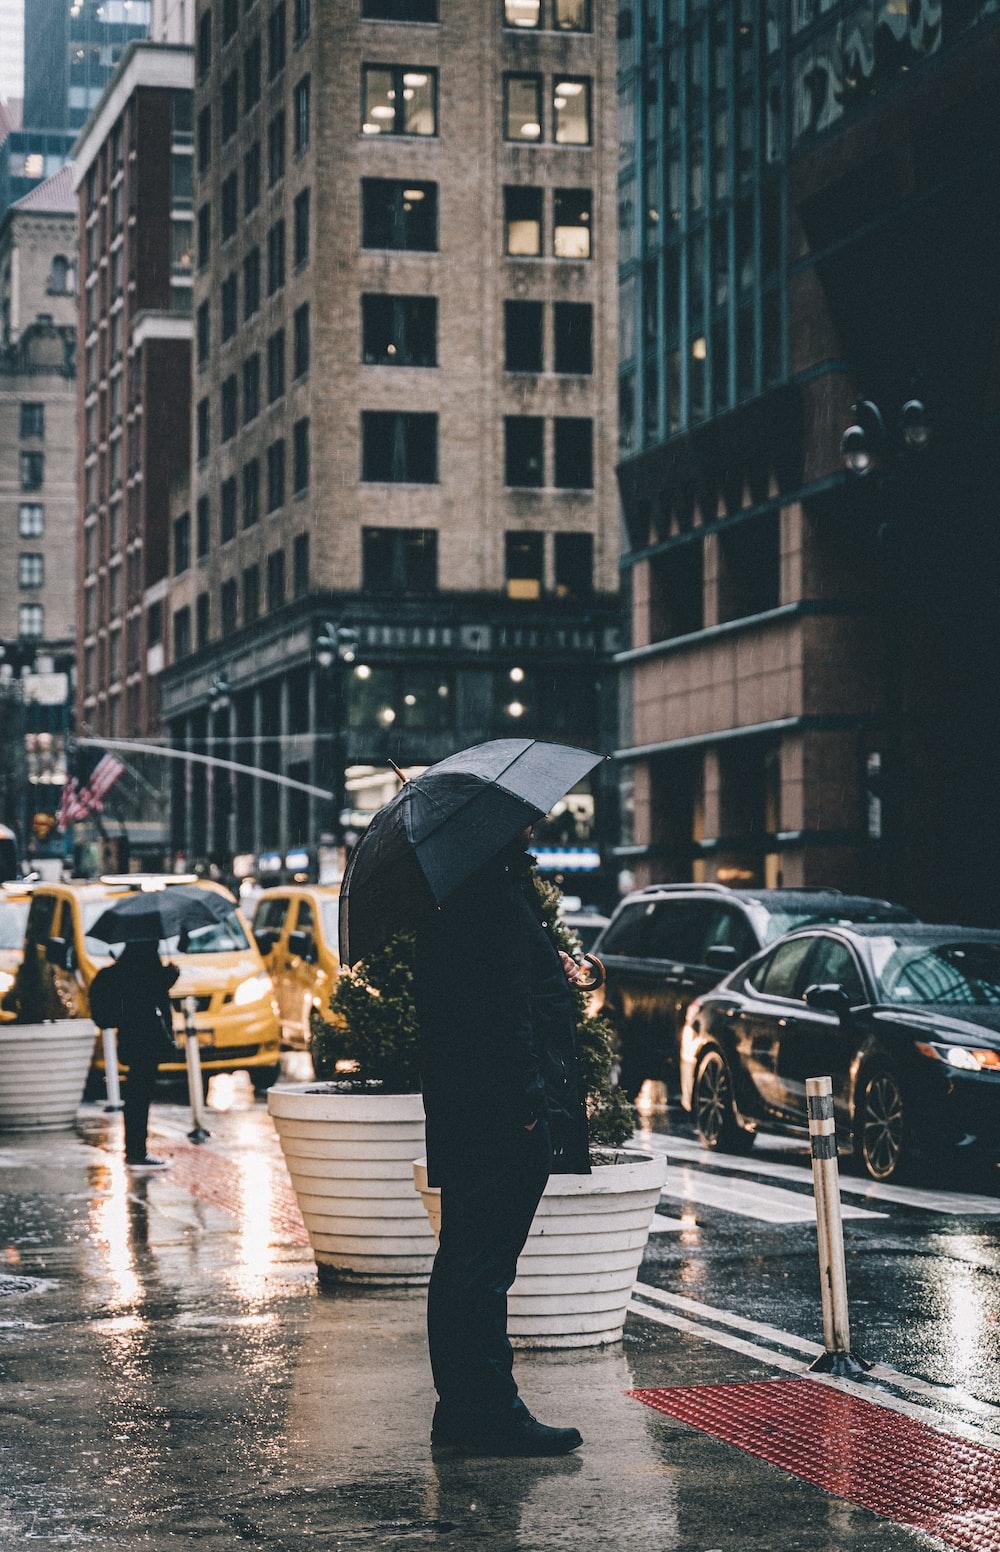 person in black coat holding umbrella walking on pedestrian lane during daytime